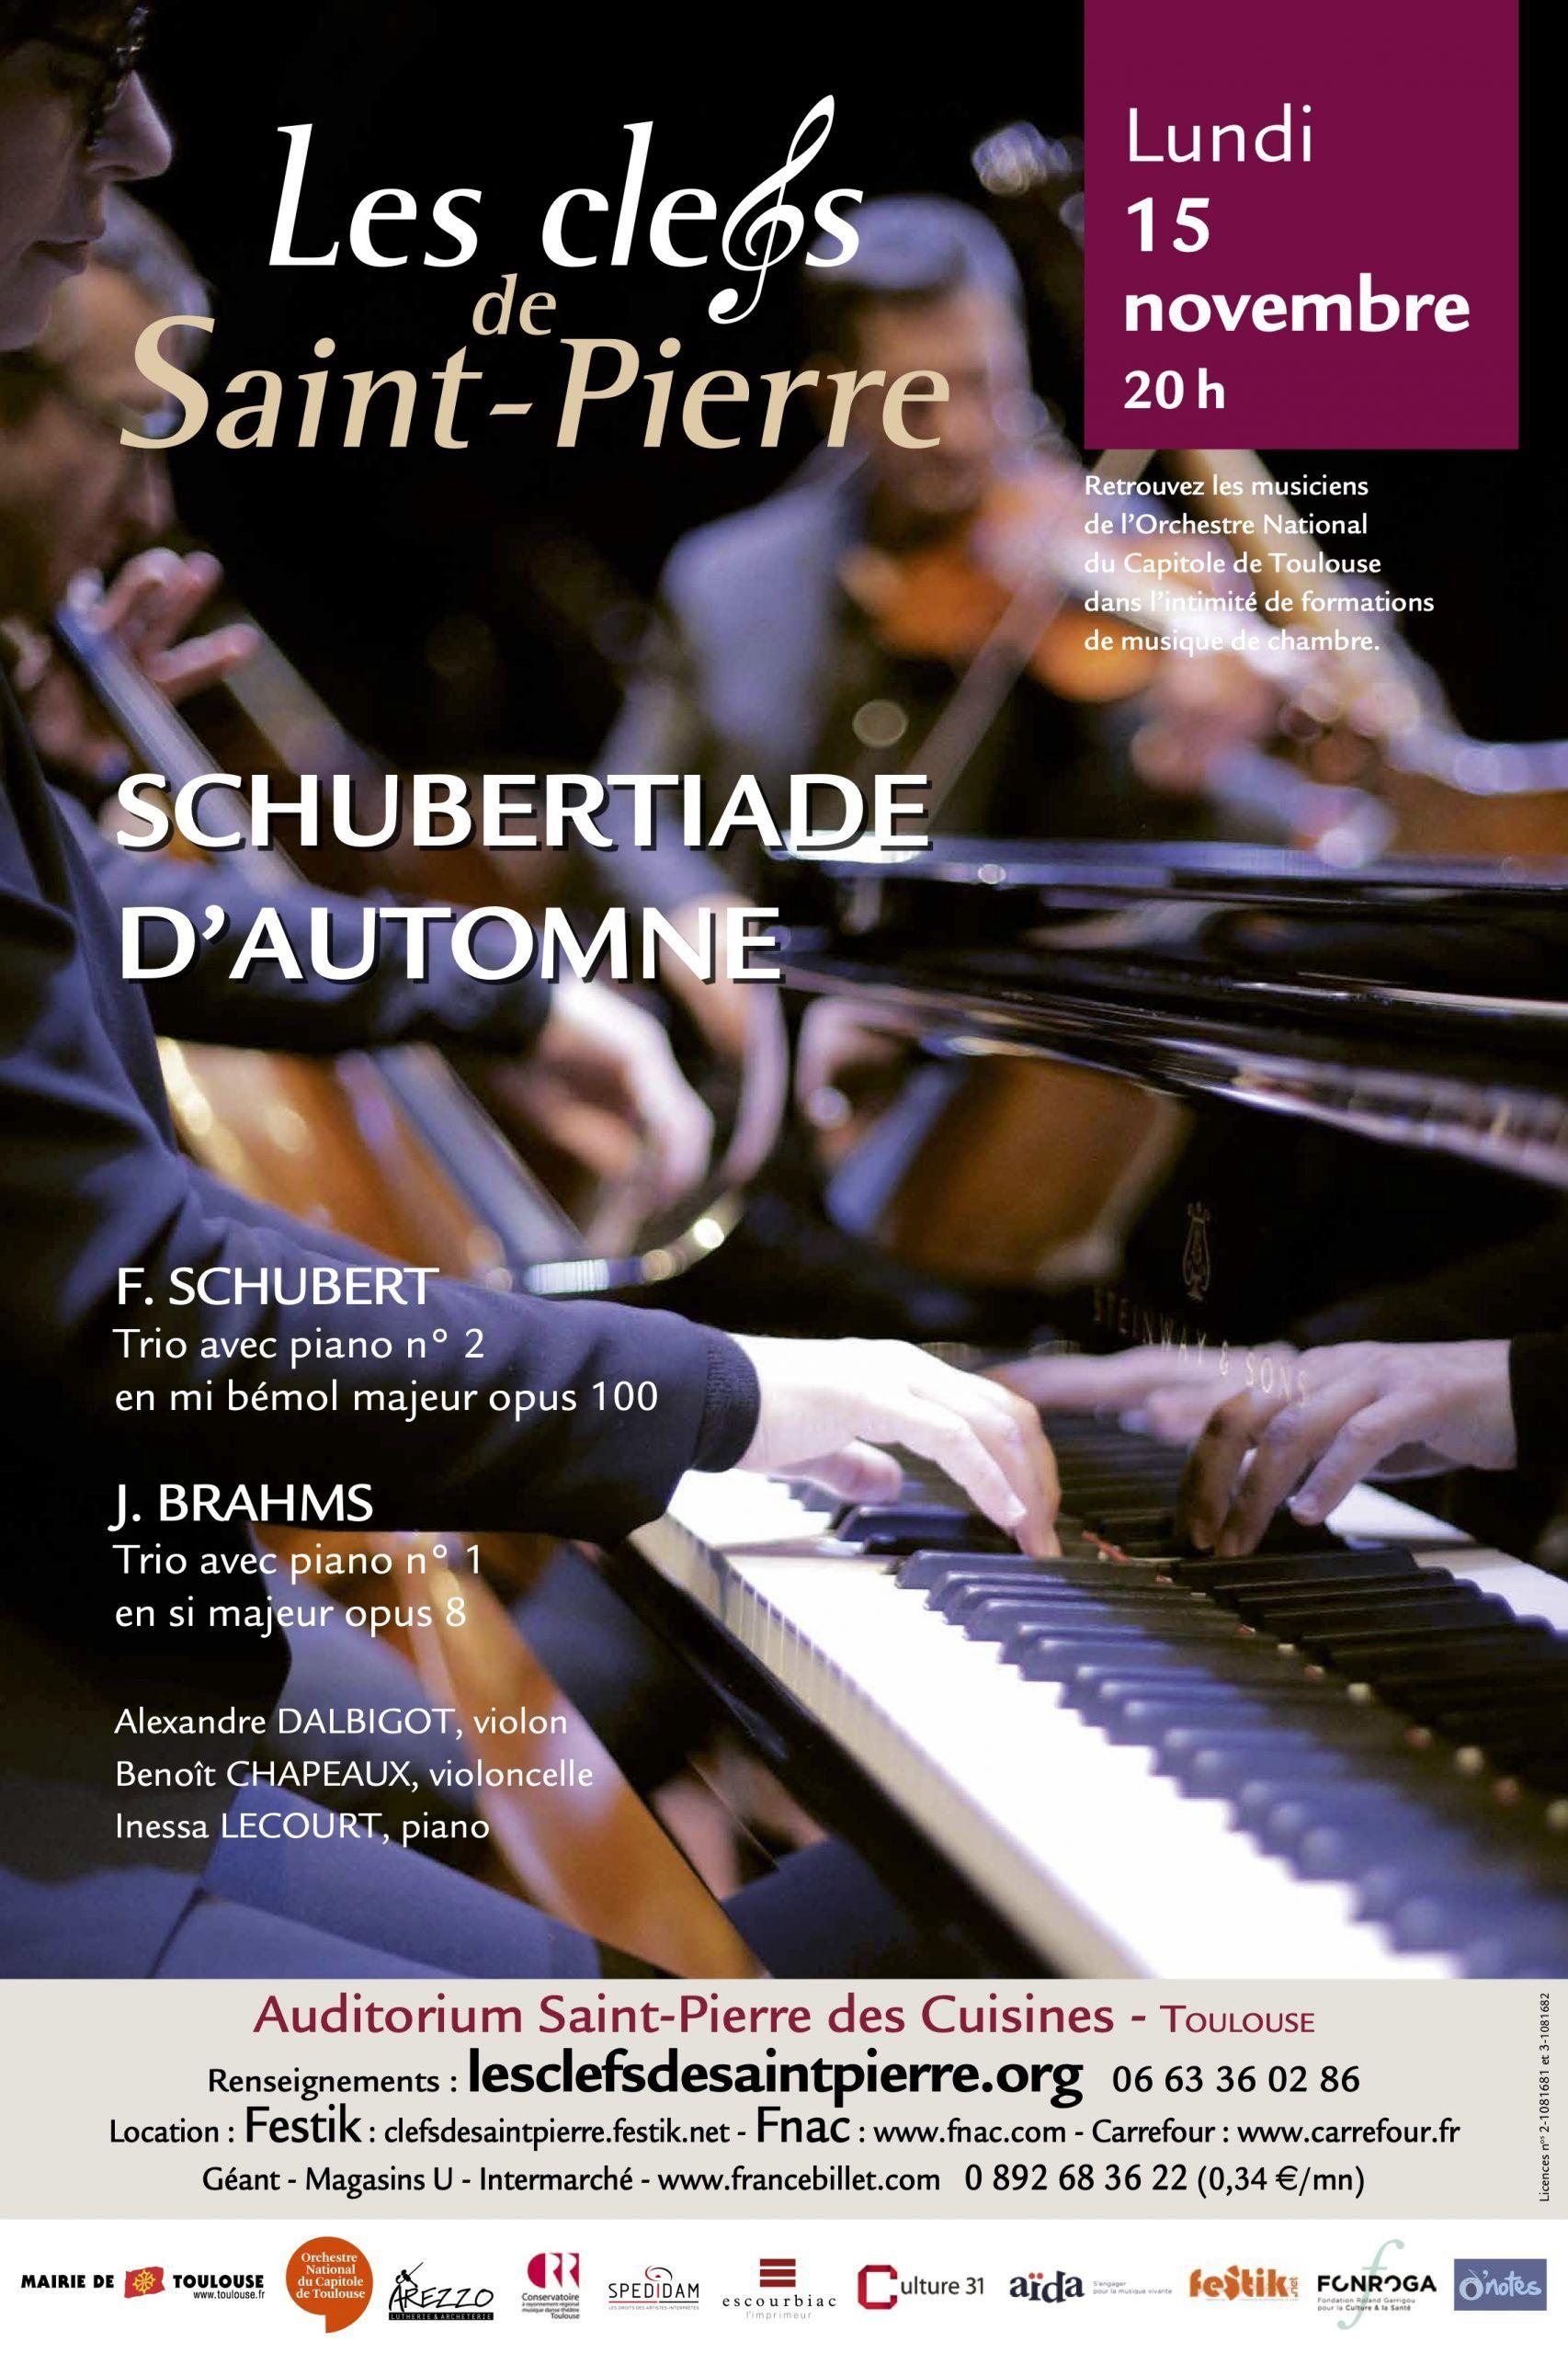 Les Clefs de Saint-Pierre - Schubertiade d'automne